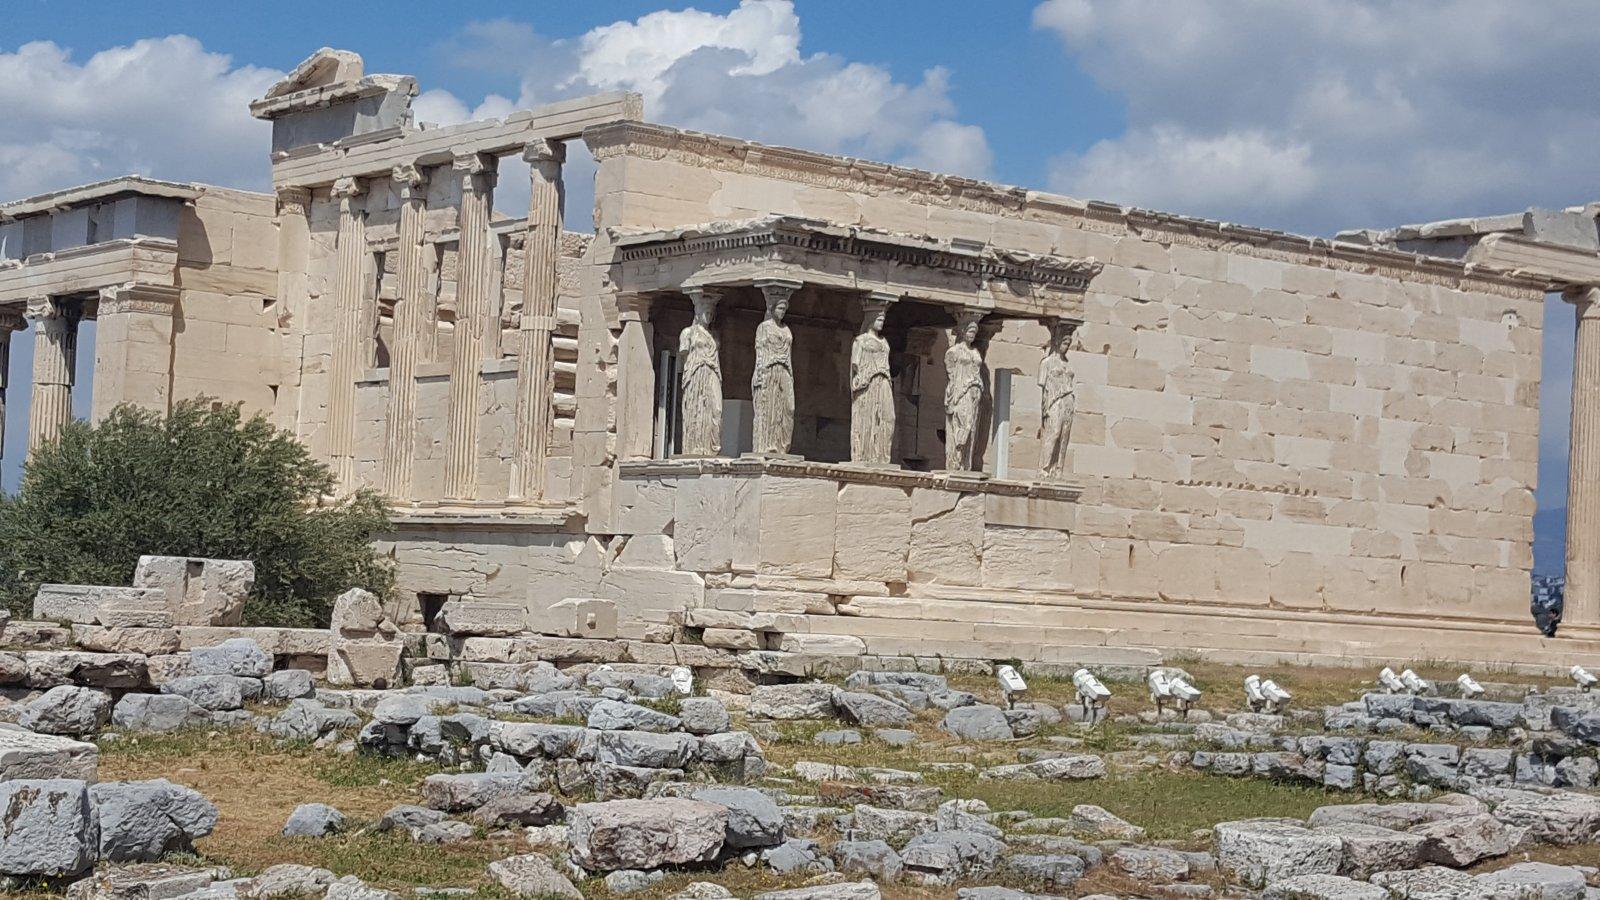 Групповая обзорная экскурсия по Афинам с посещением Акрополя